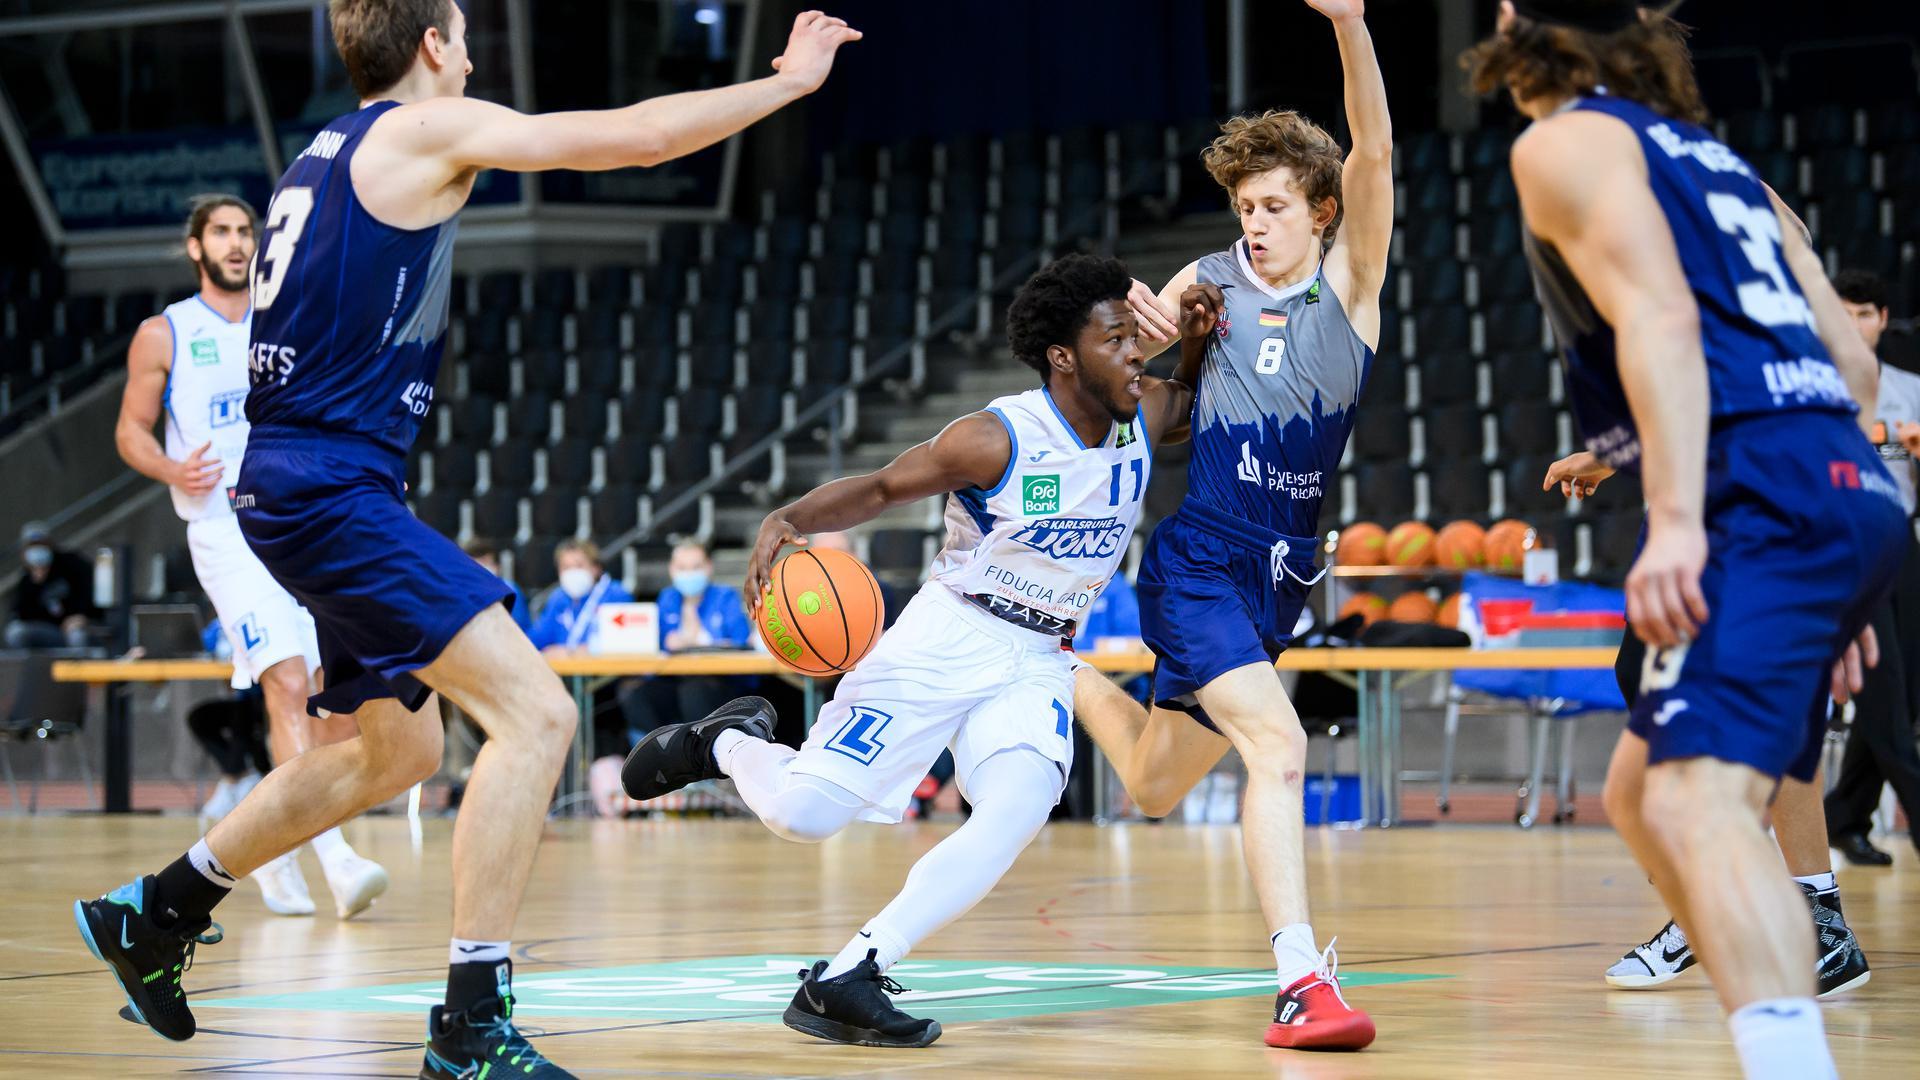 KC Ross-Miller (Lions) im Zweikampf mit Peter Hemschemeier (Paderborn).  GES/ Basketball/ ProA: PSK Lions - Uni Baskets Paderborn, 03.02.2021 --